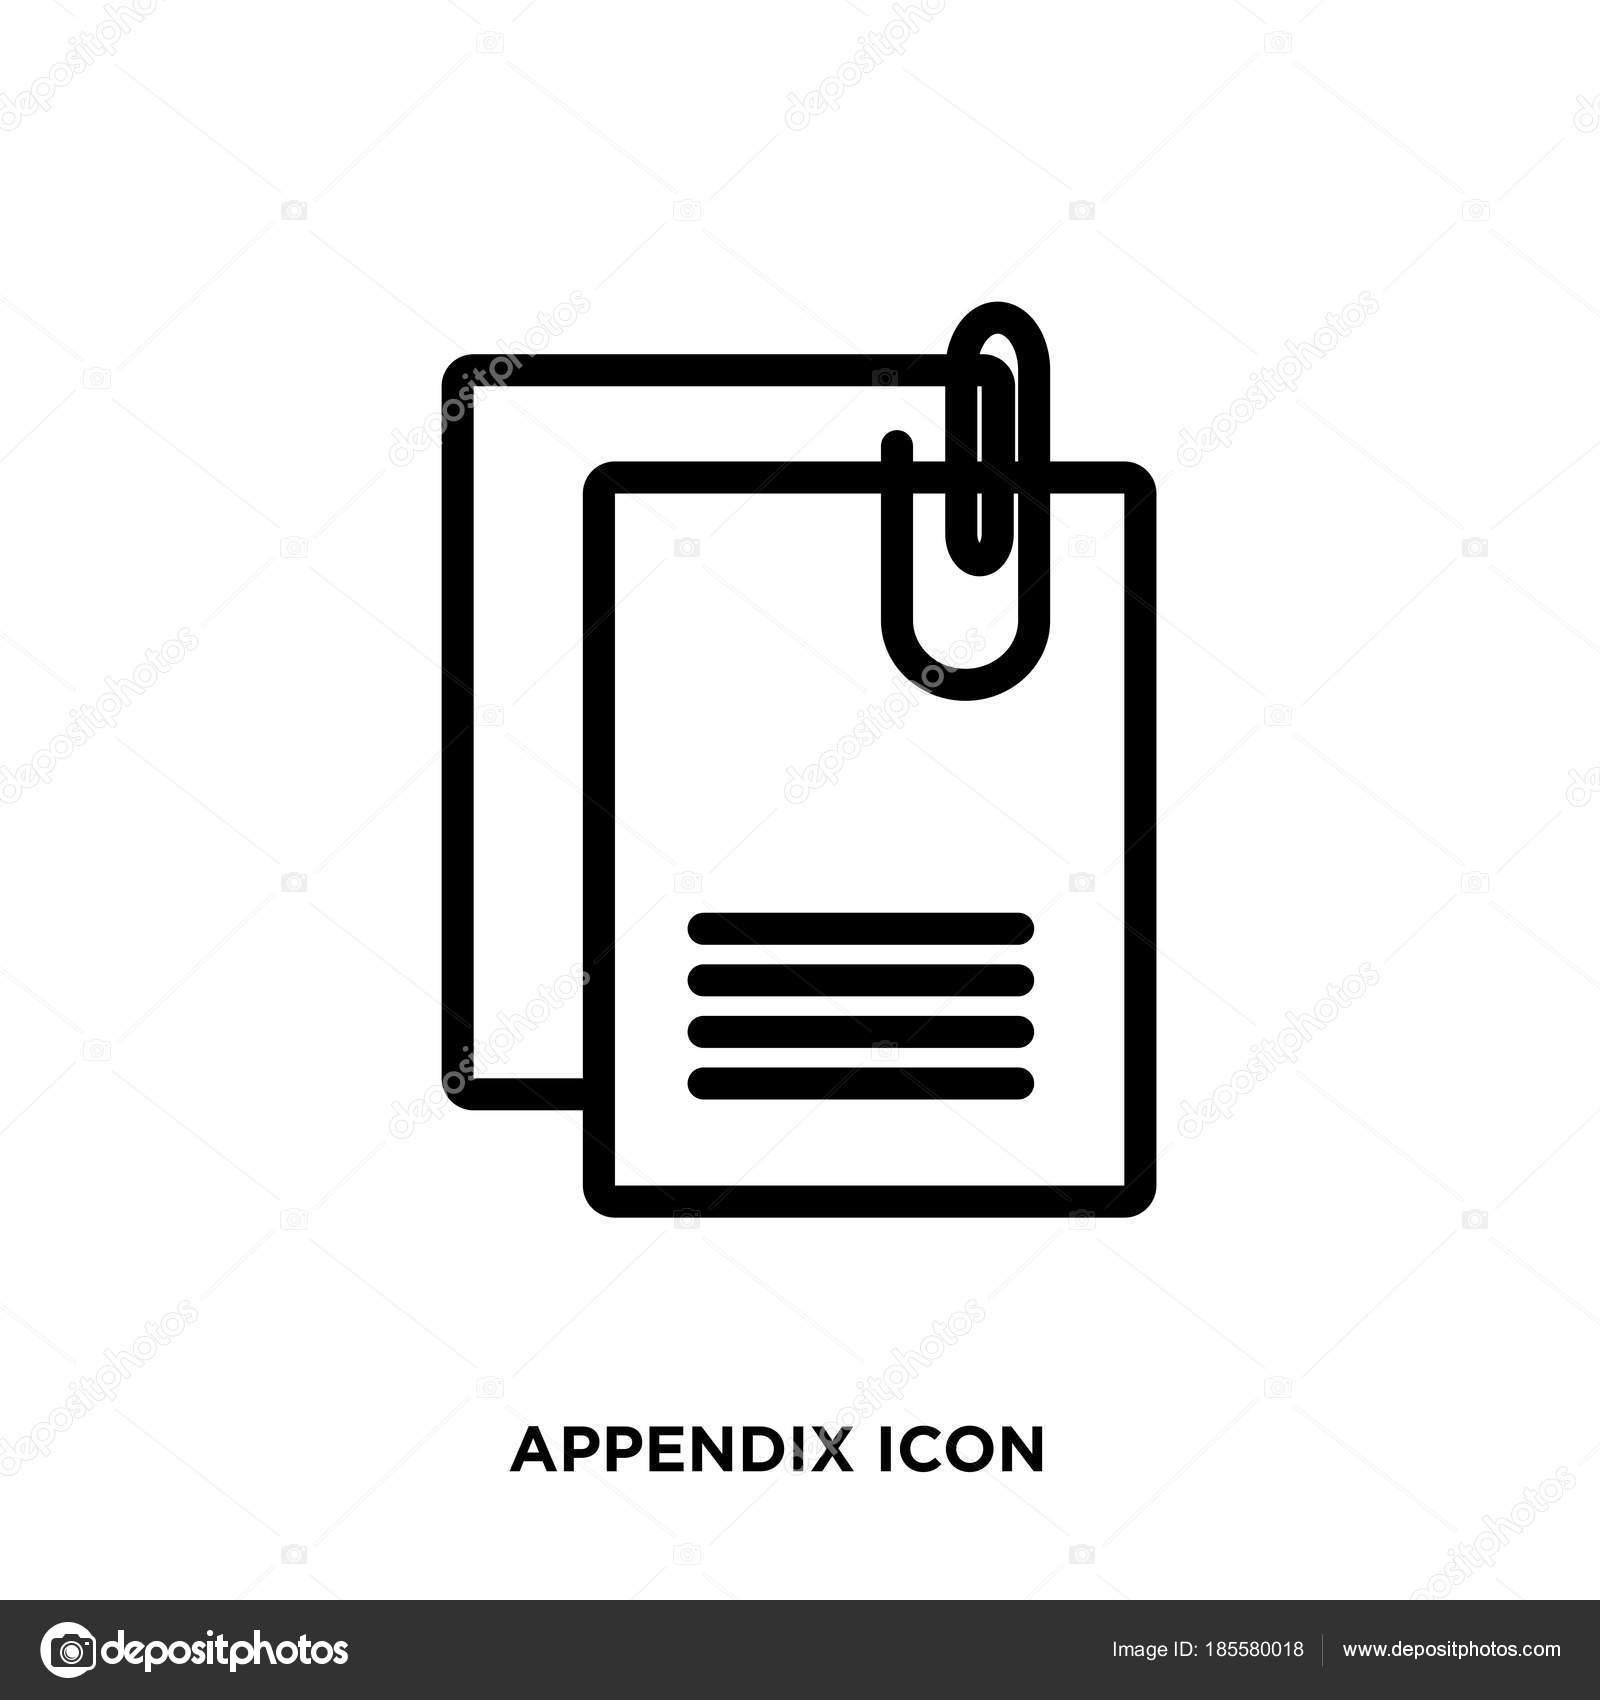 appendix icon vector — Stock Vector © urfandadashov #185580018